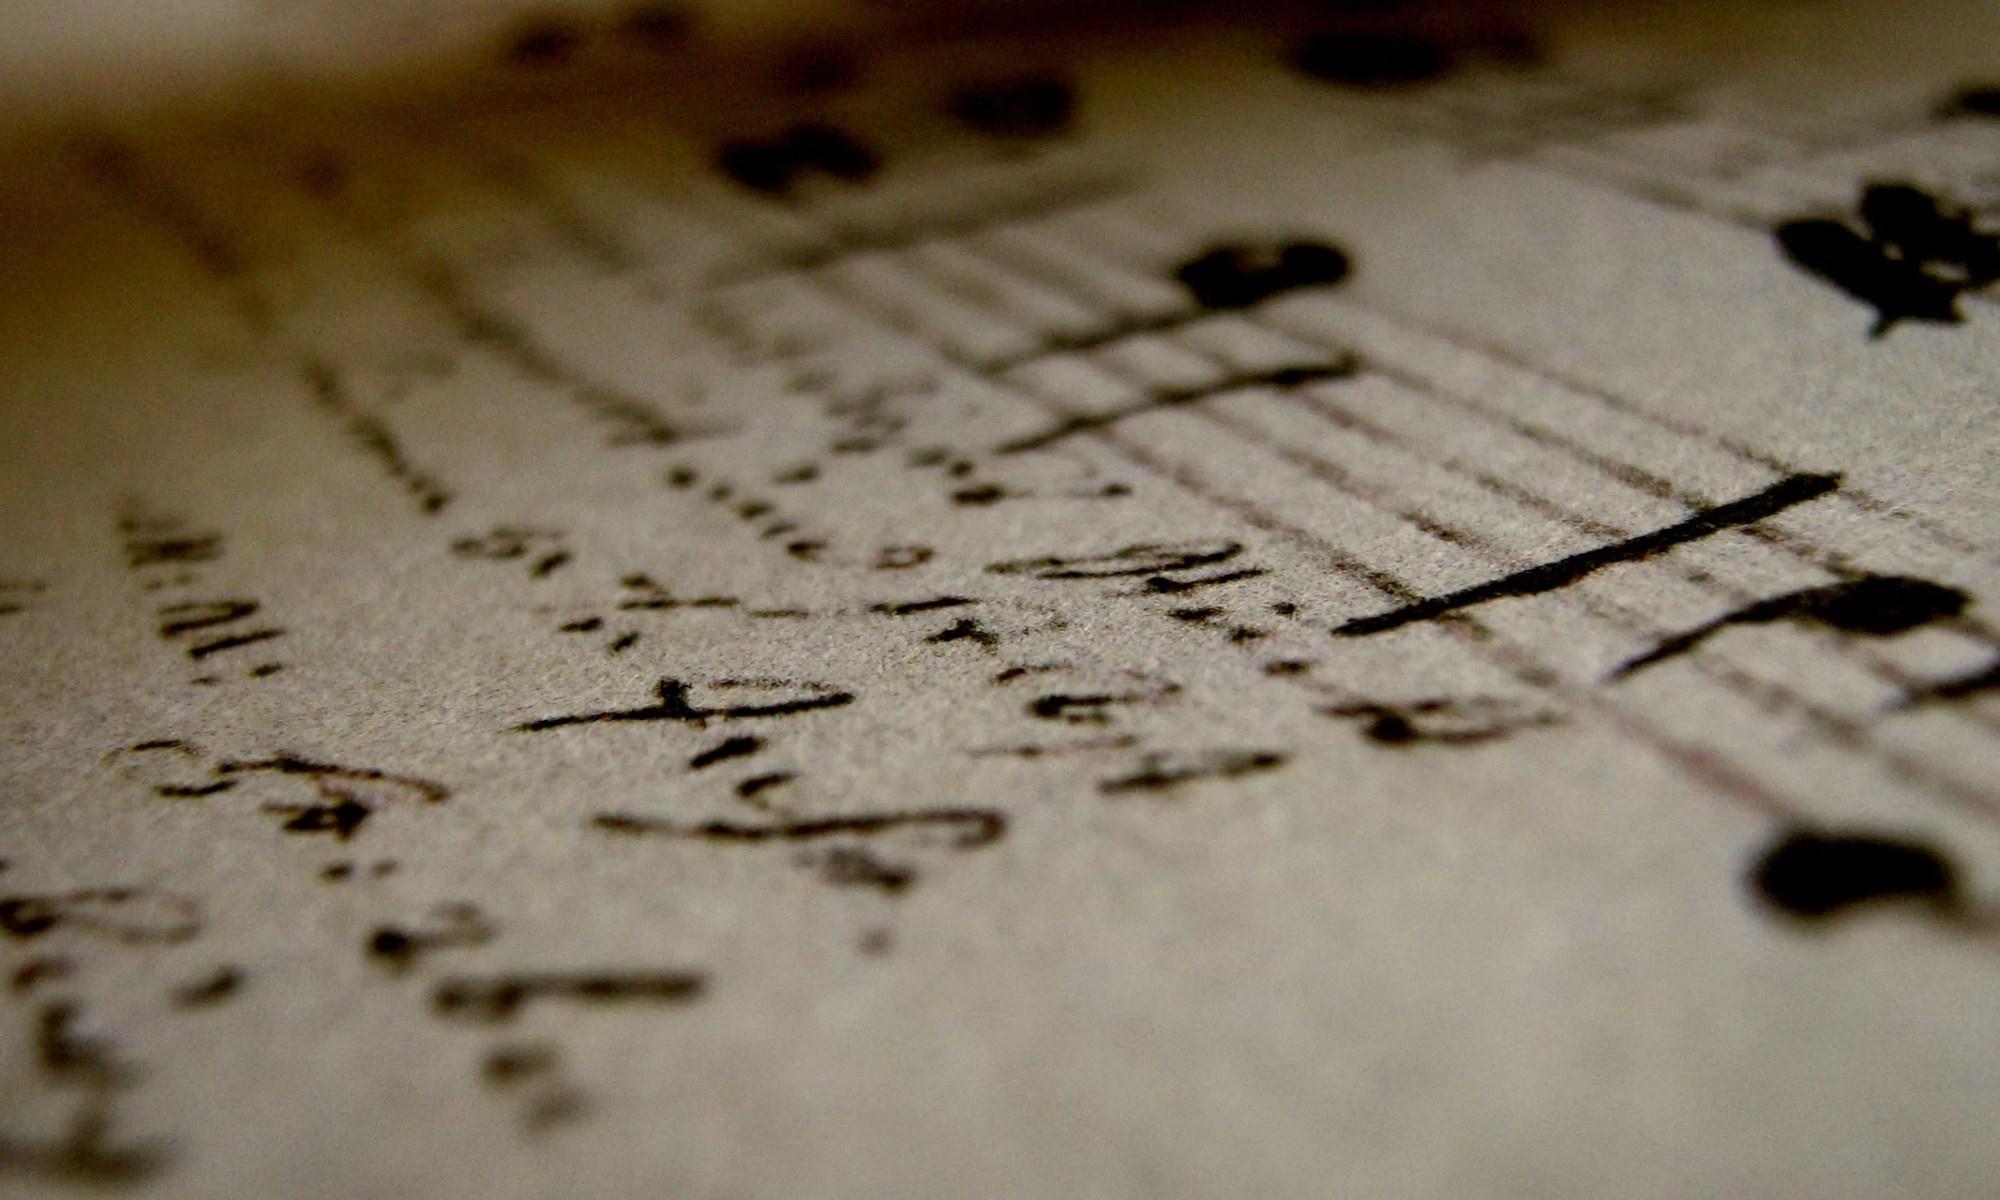 Handwritten music manuscript